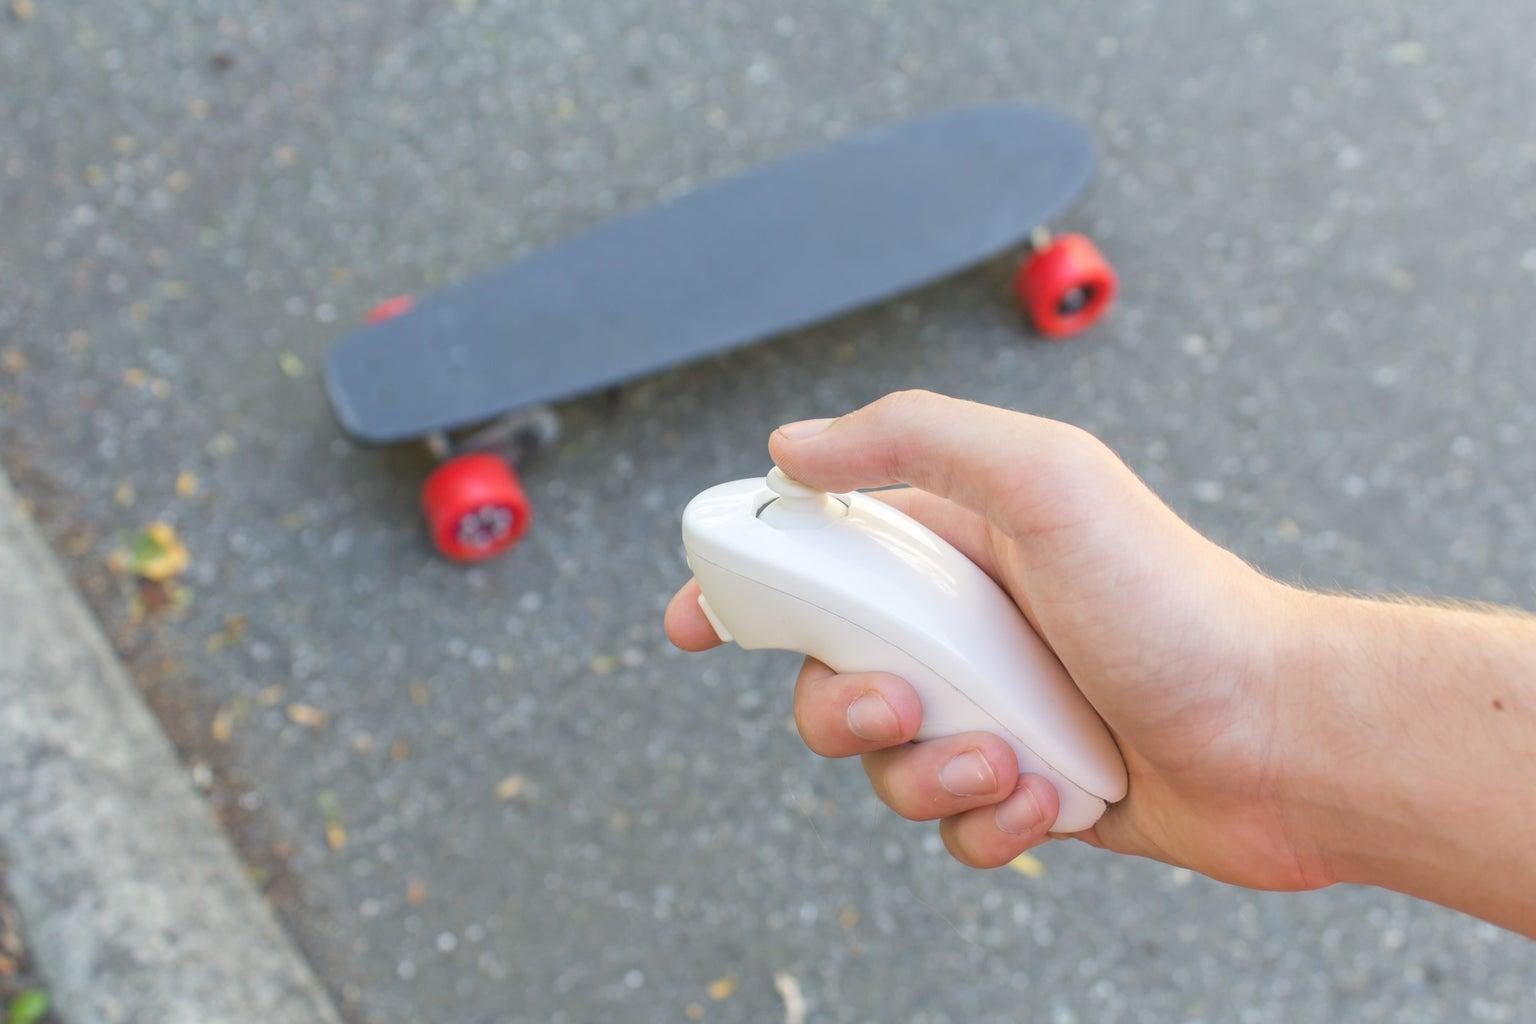 DIY Nunchuck Controller for Electric Skateboards!